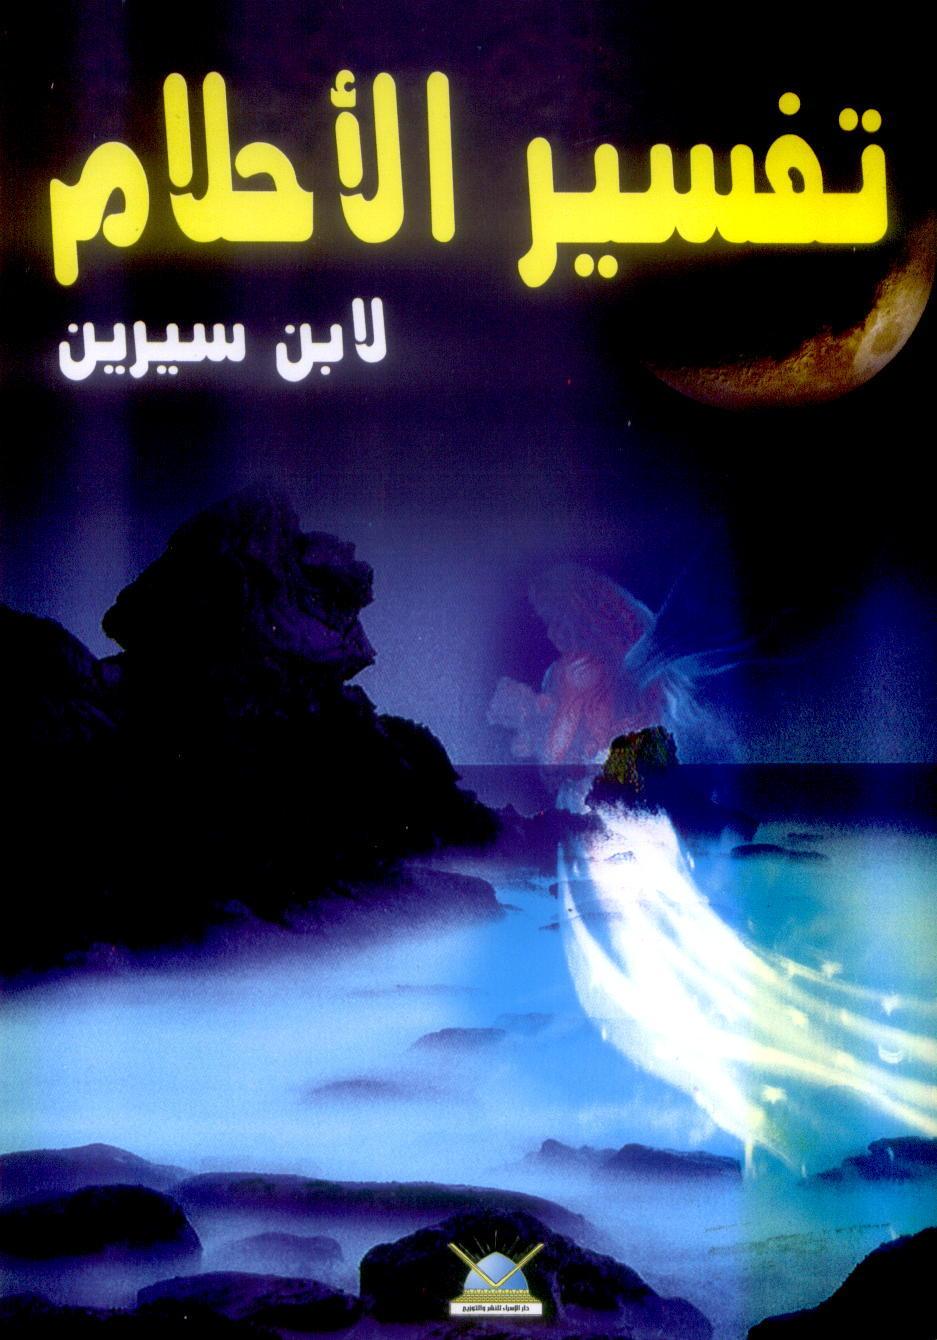 صور كتاب تفسير الاحلام لابن سيرين pdf , كتاب تفسير الاحلام